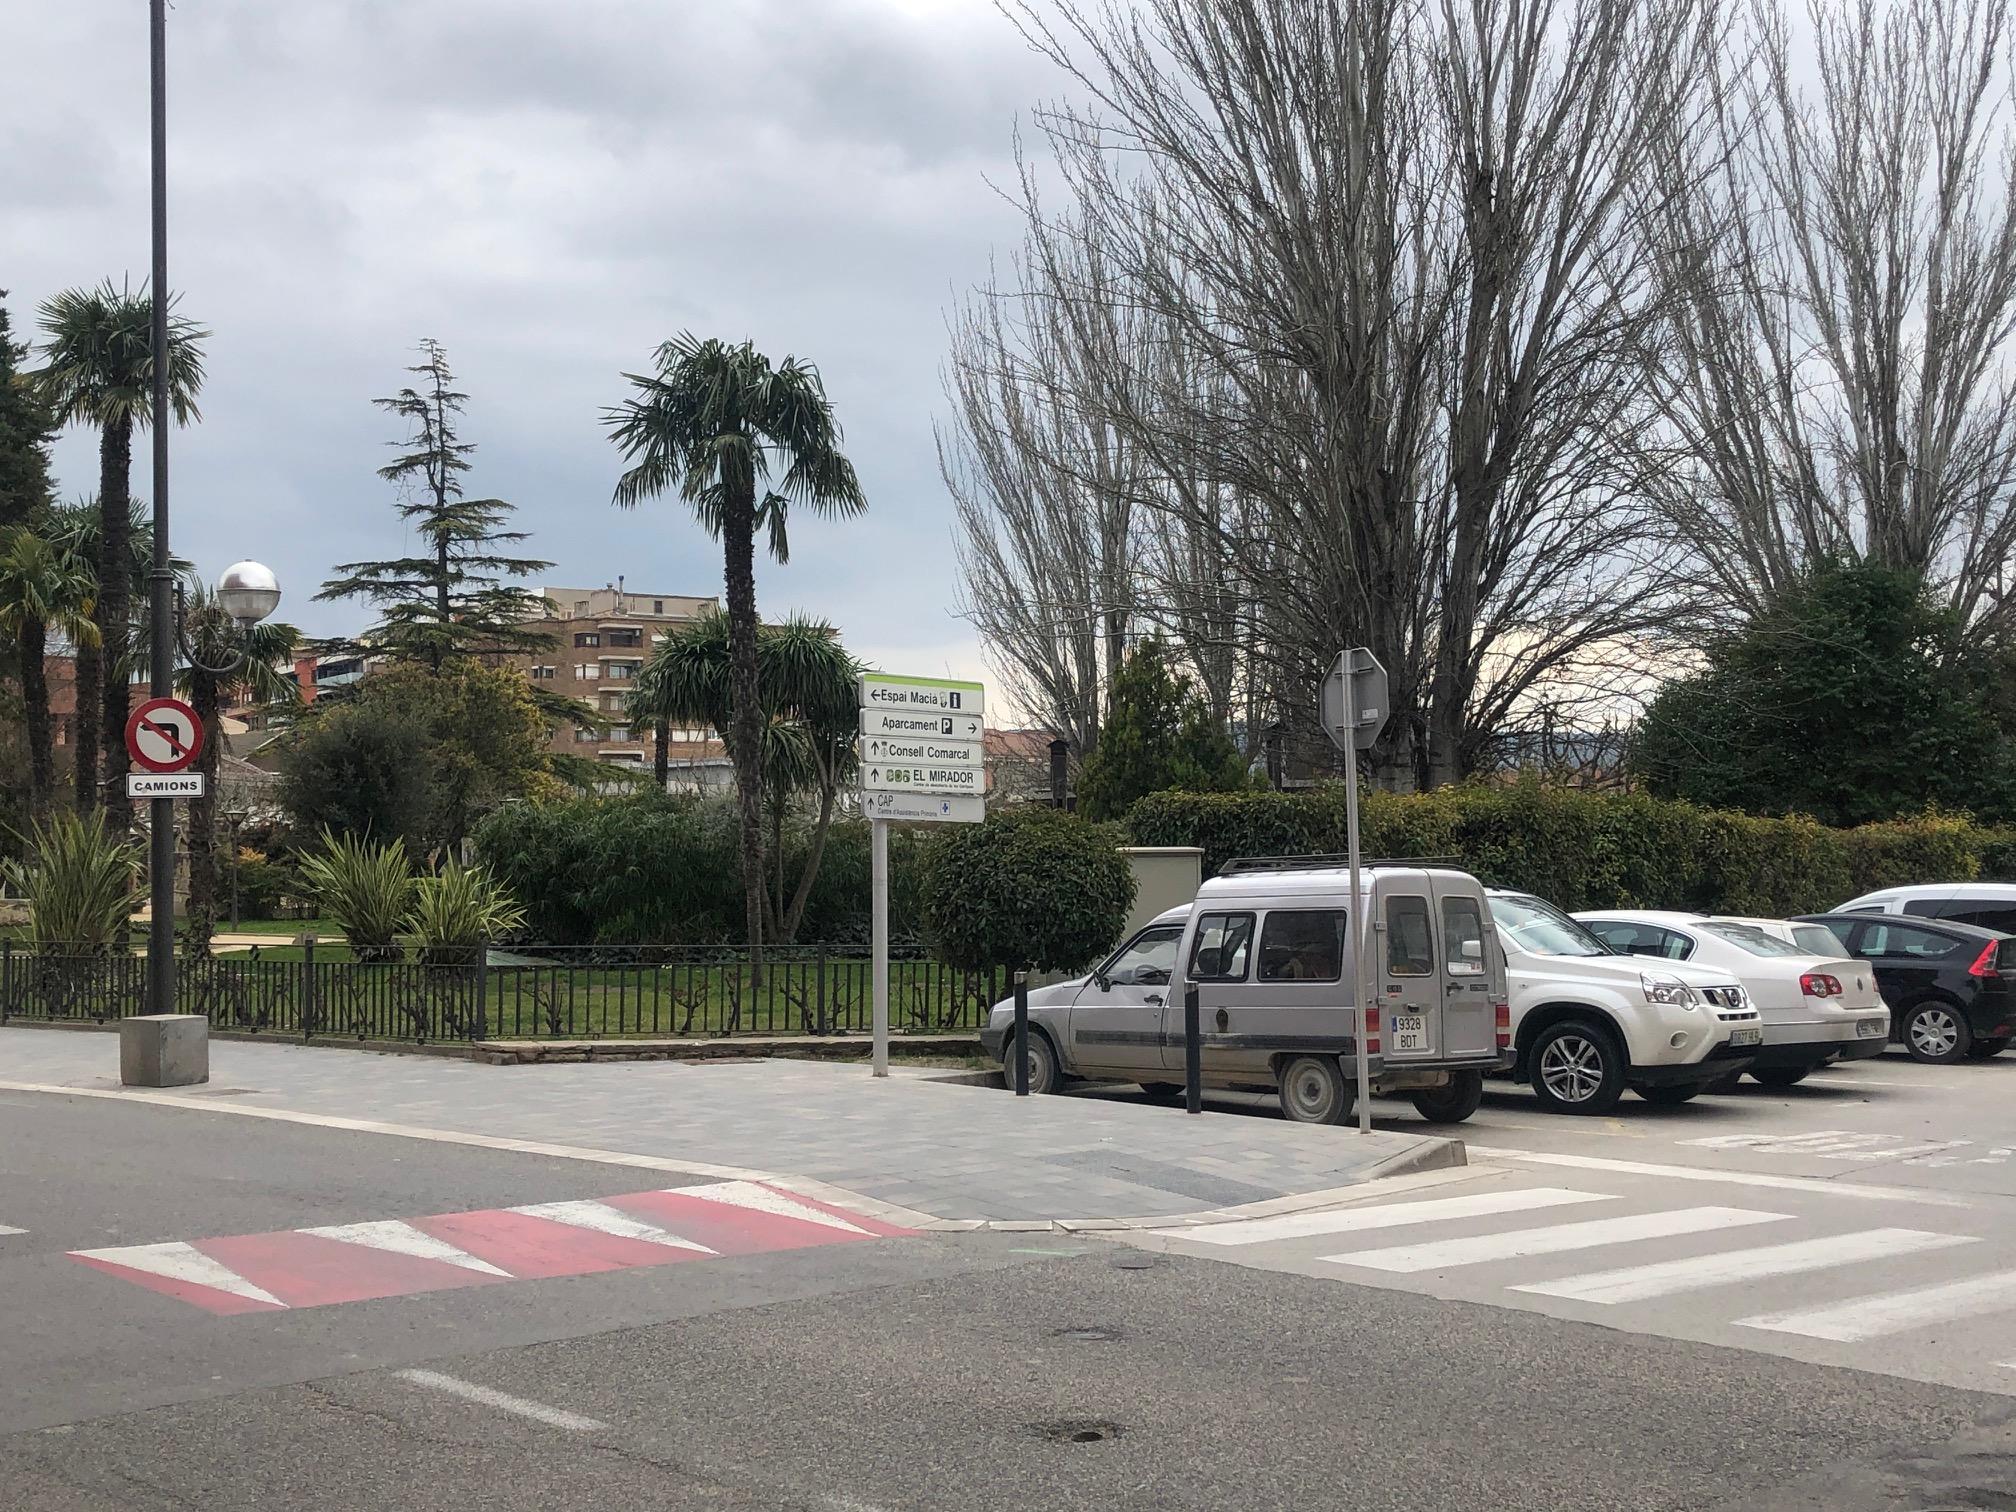 Les Borges instal·larà una estació de recàrrega de vehicles elèctrics al Parc del Terrall